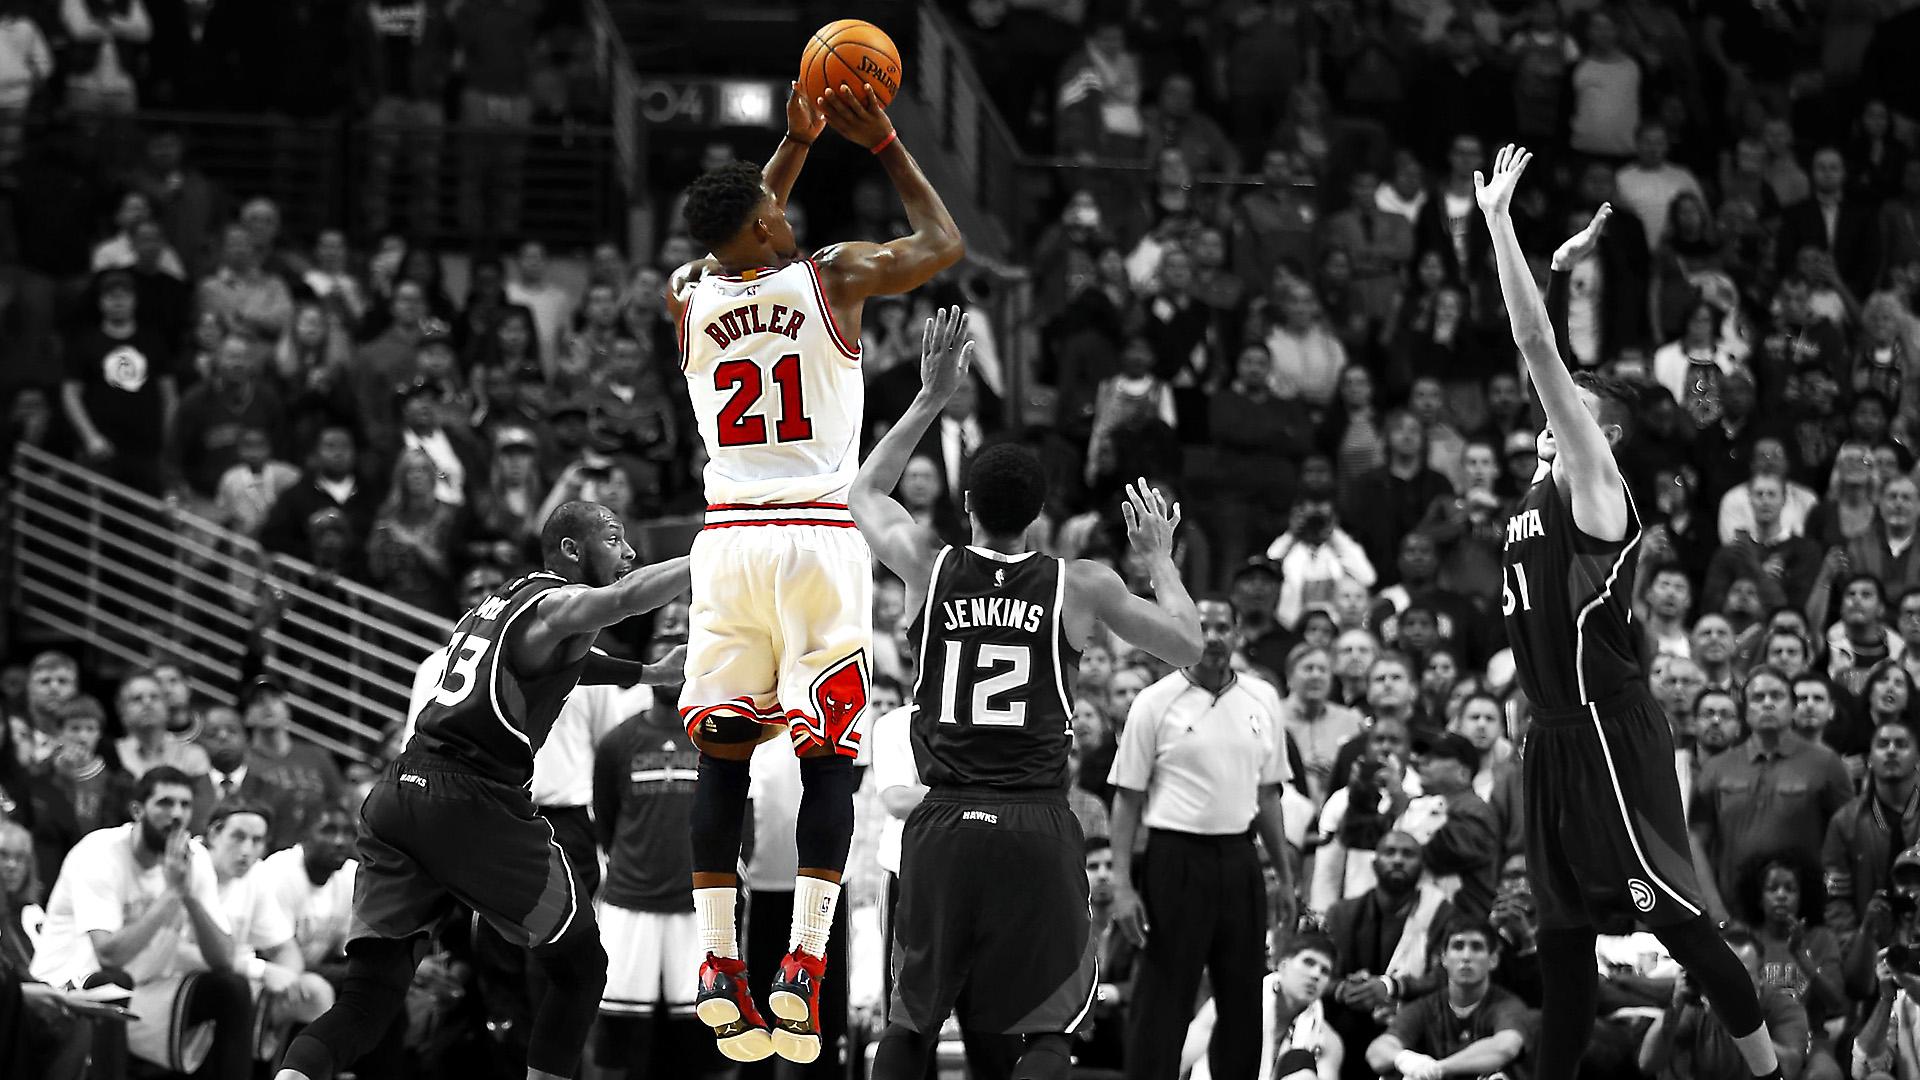 Bulls Iphone Wallpaper Jimmy Butler Chicago Bulls Full Hd Bakgrund And Bakgrund